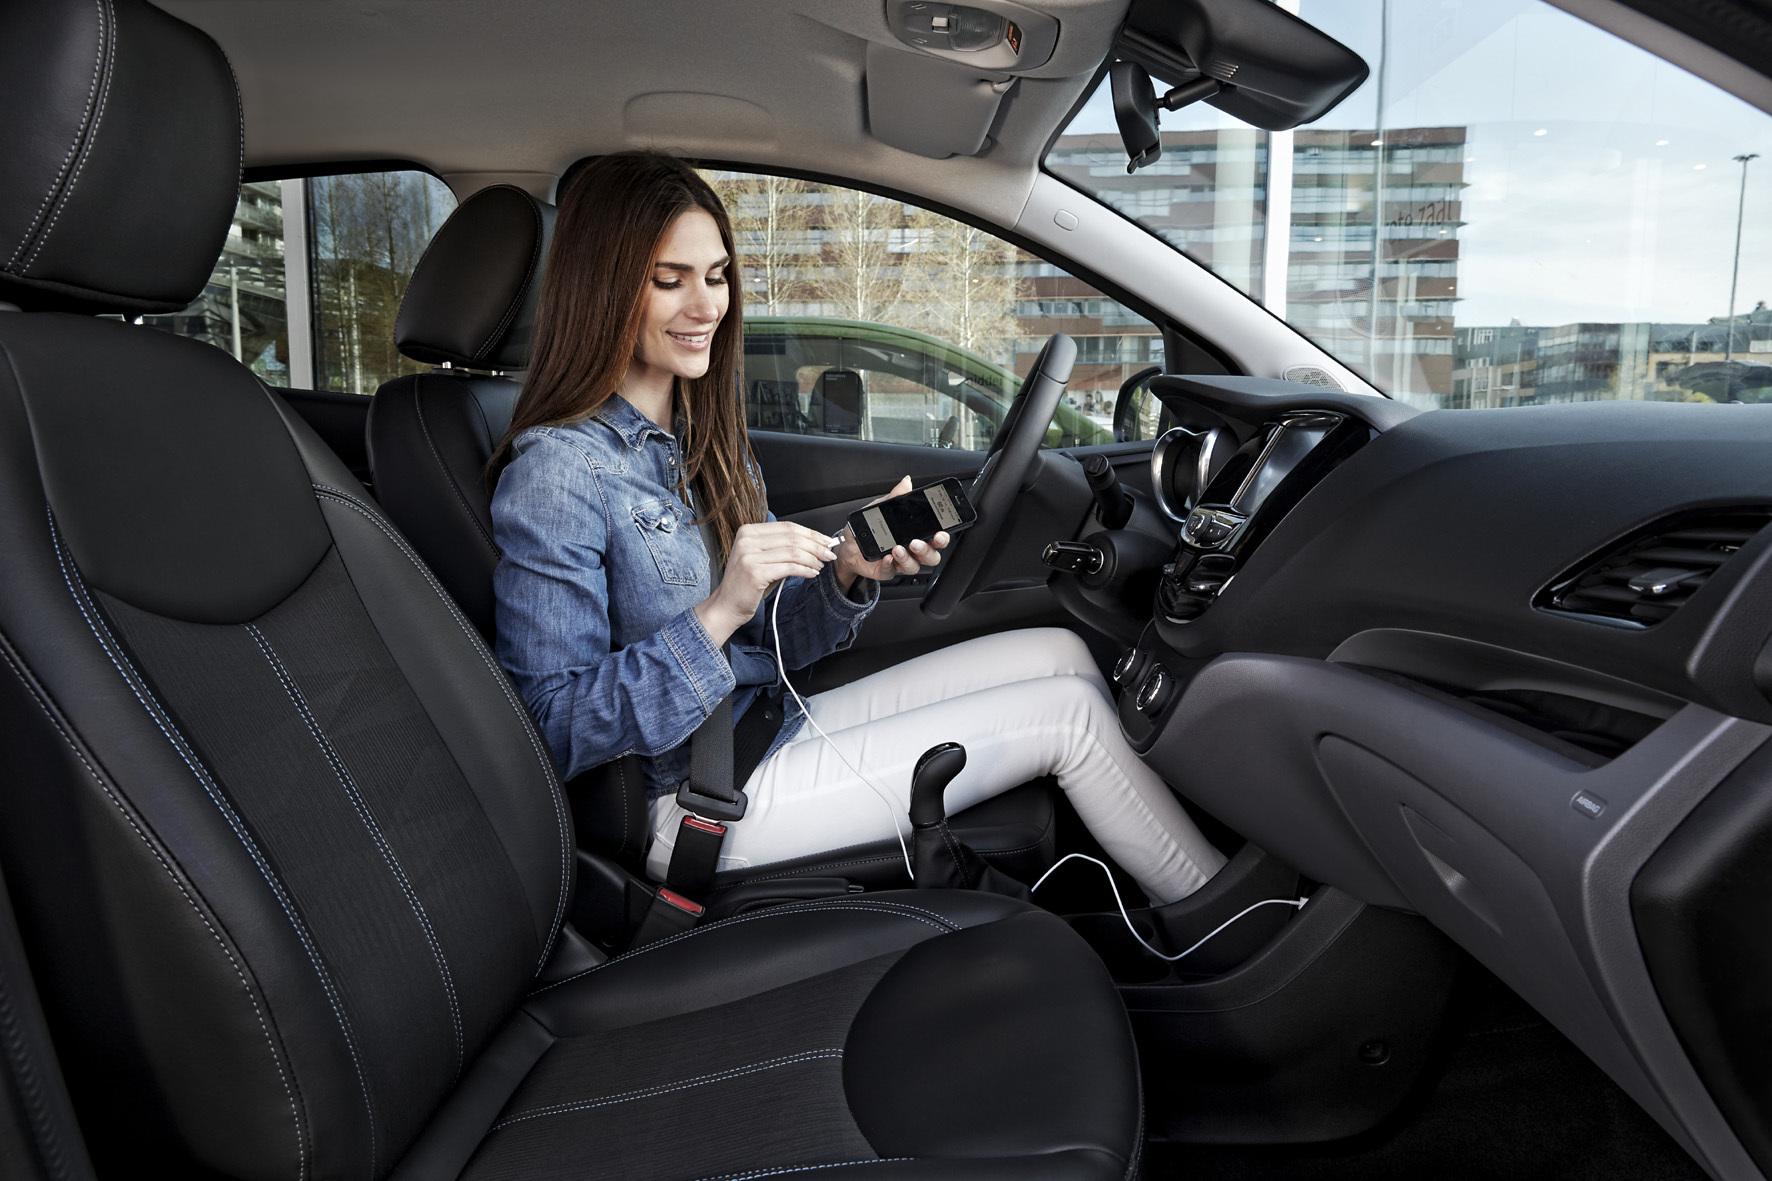 mid Groß-Gerau - Parkopedia kooperiert mit Apple: Mehr als 40 Millionen Parkplätze in 75 Ländern sind gelistet und lassen sich sogar reservieren.